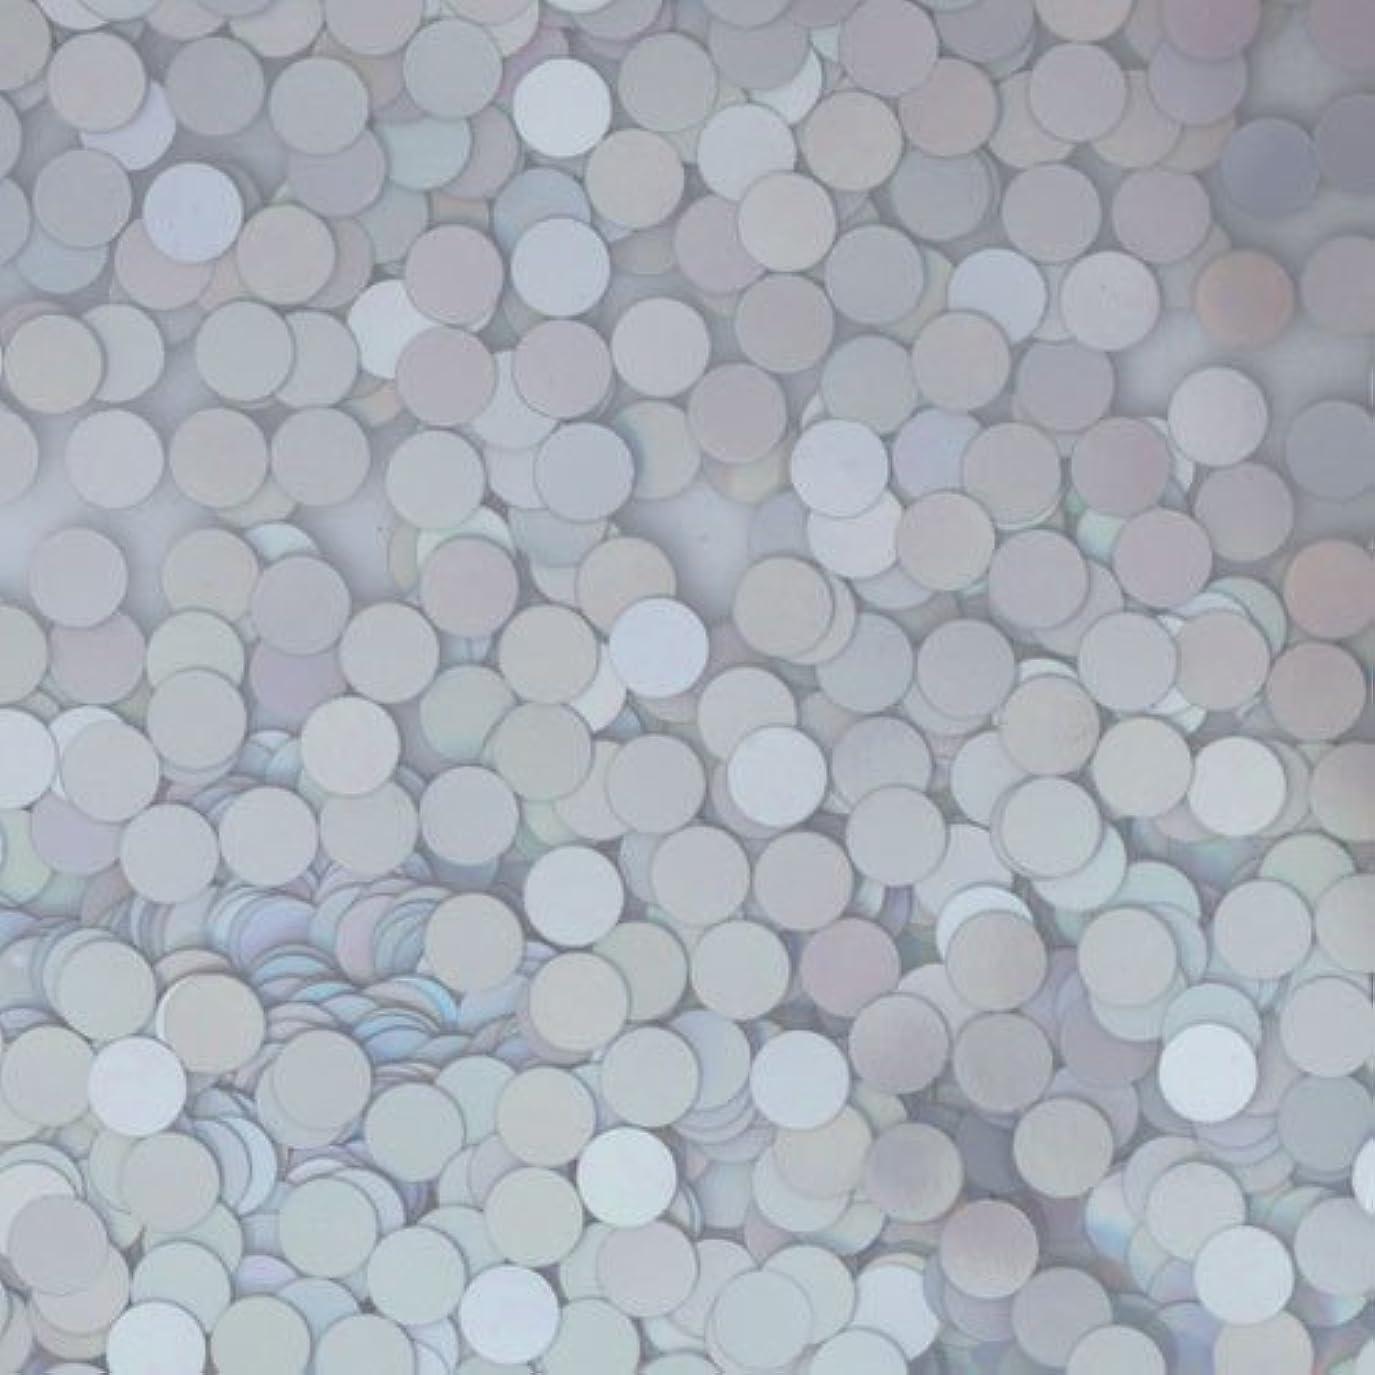 がっかりしたアイドル散らすピカエース ネイル用パウダー ピカエース 丸ホロ 1.5mm #883 マットシルバー 0.5g アート材